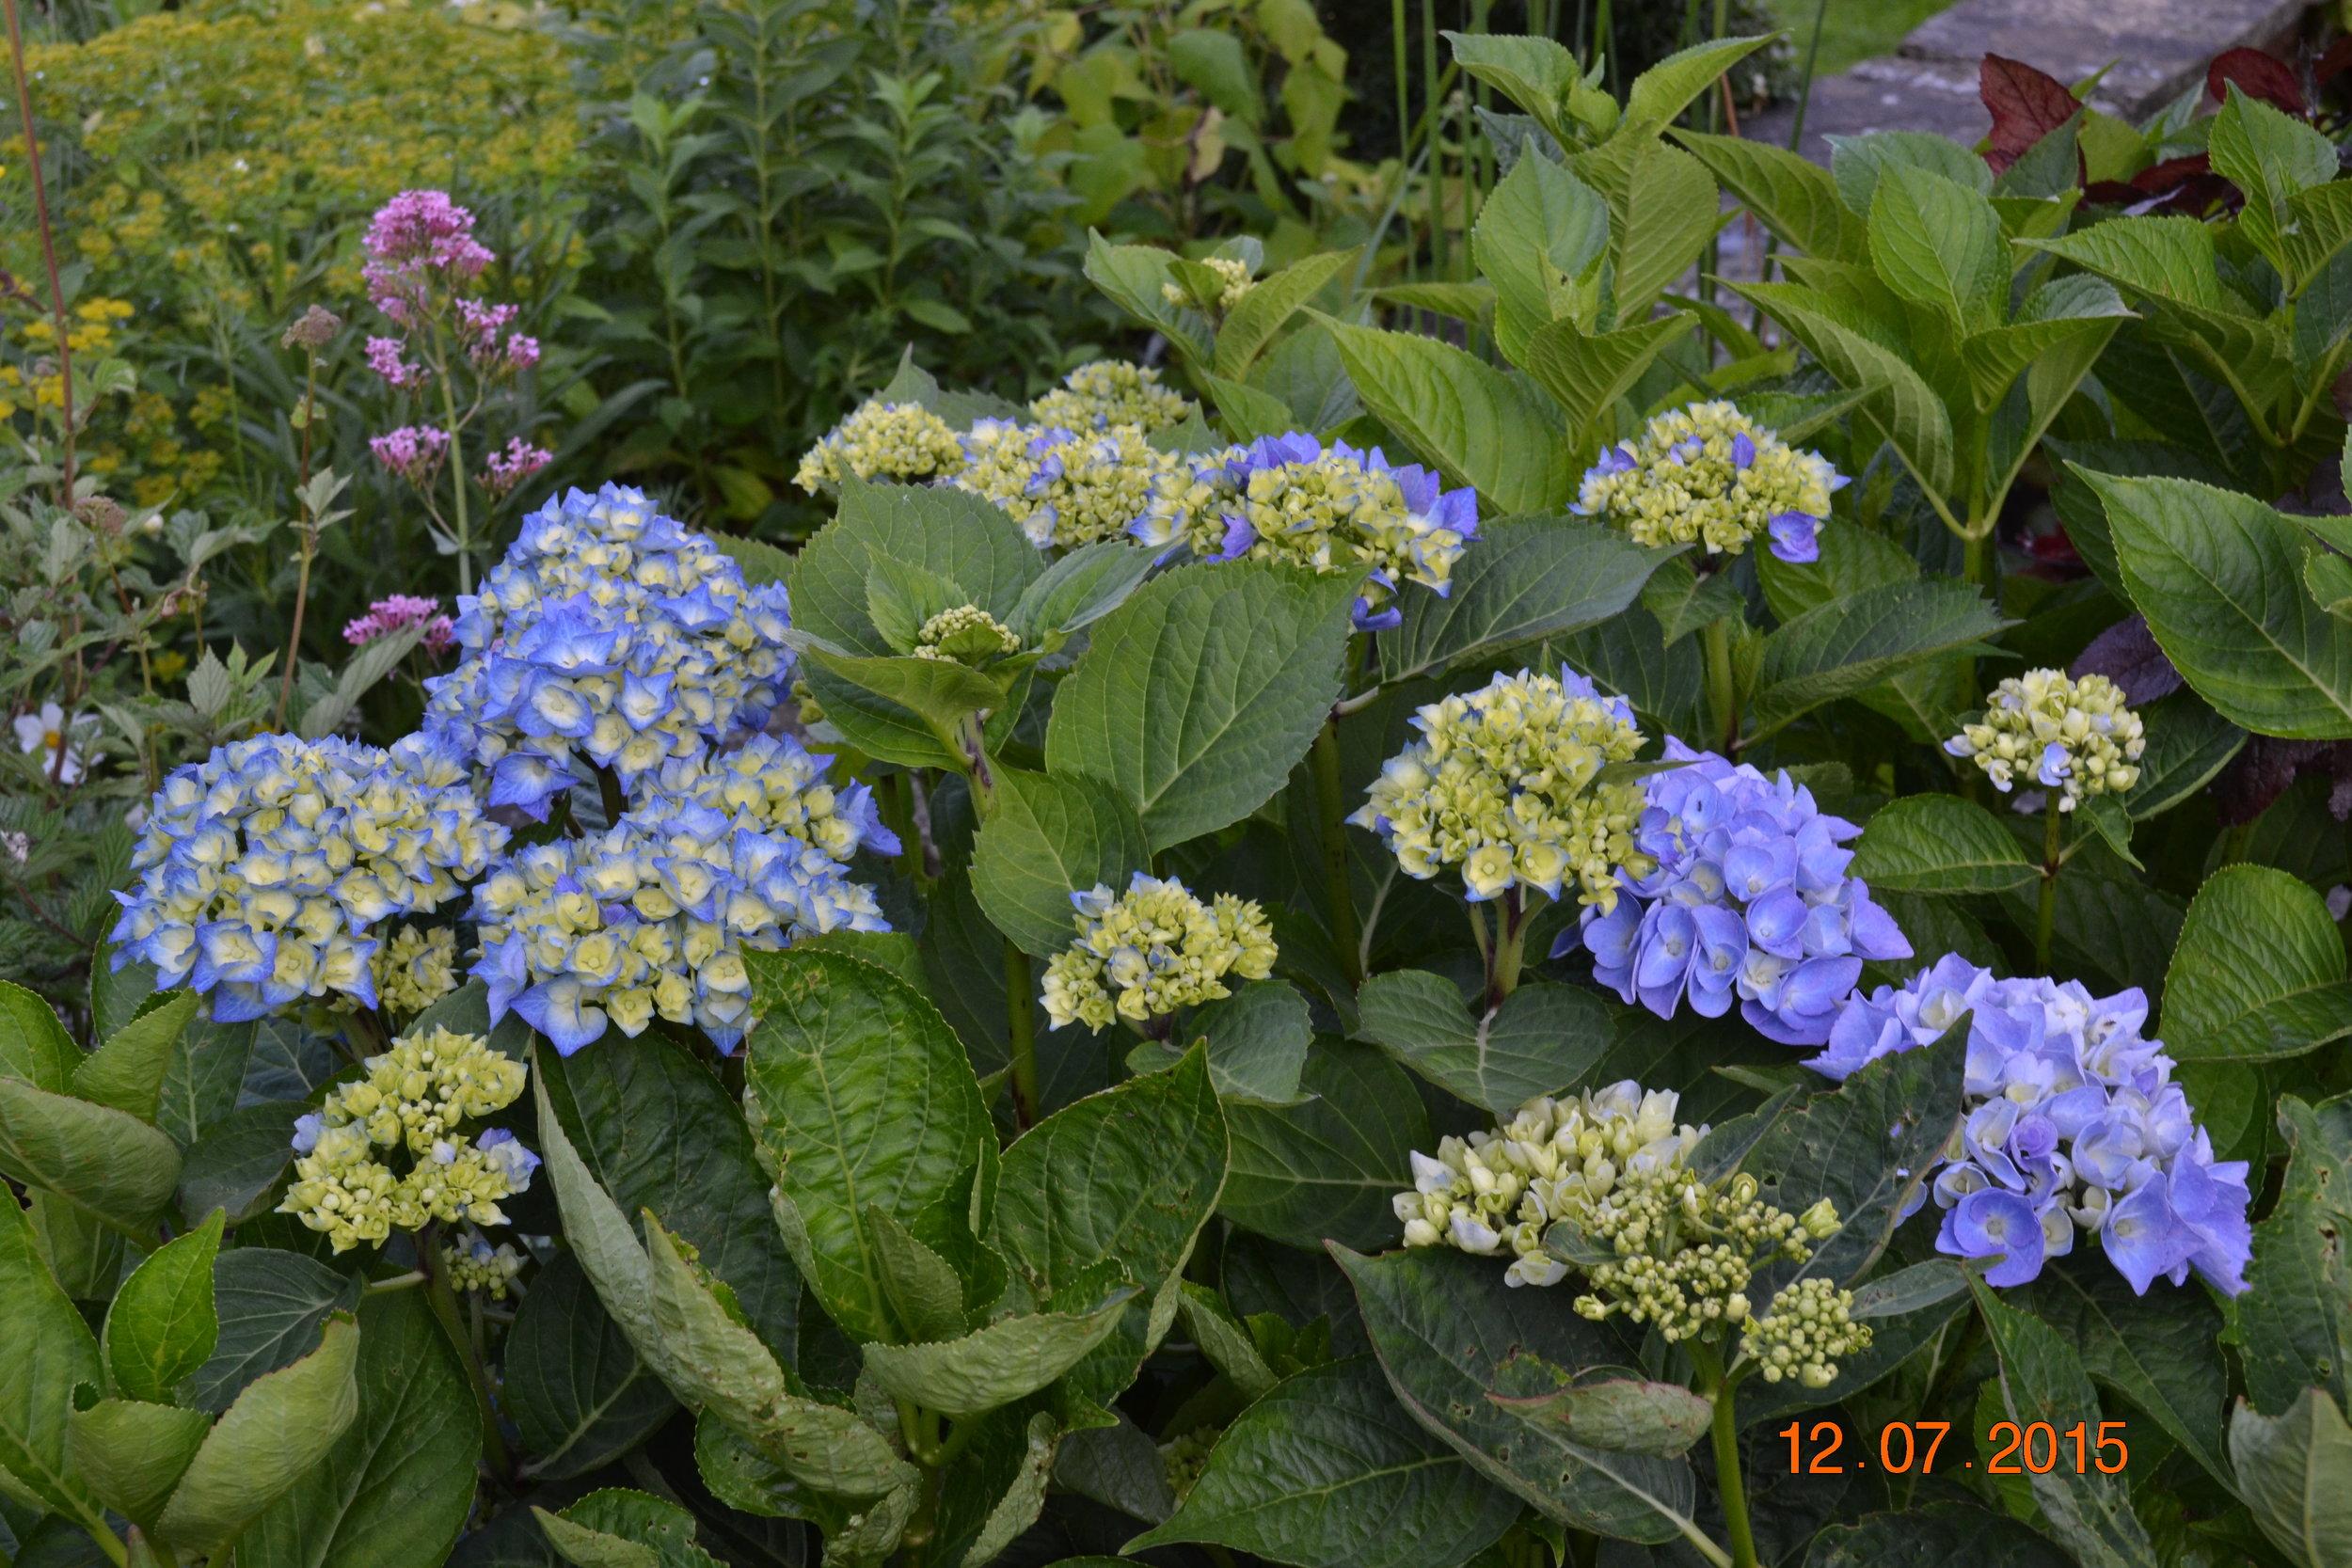 Wales 2015 garden summer flower arranging at home 032.JPG